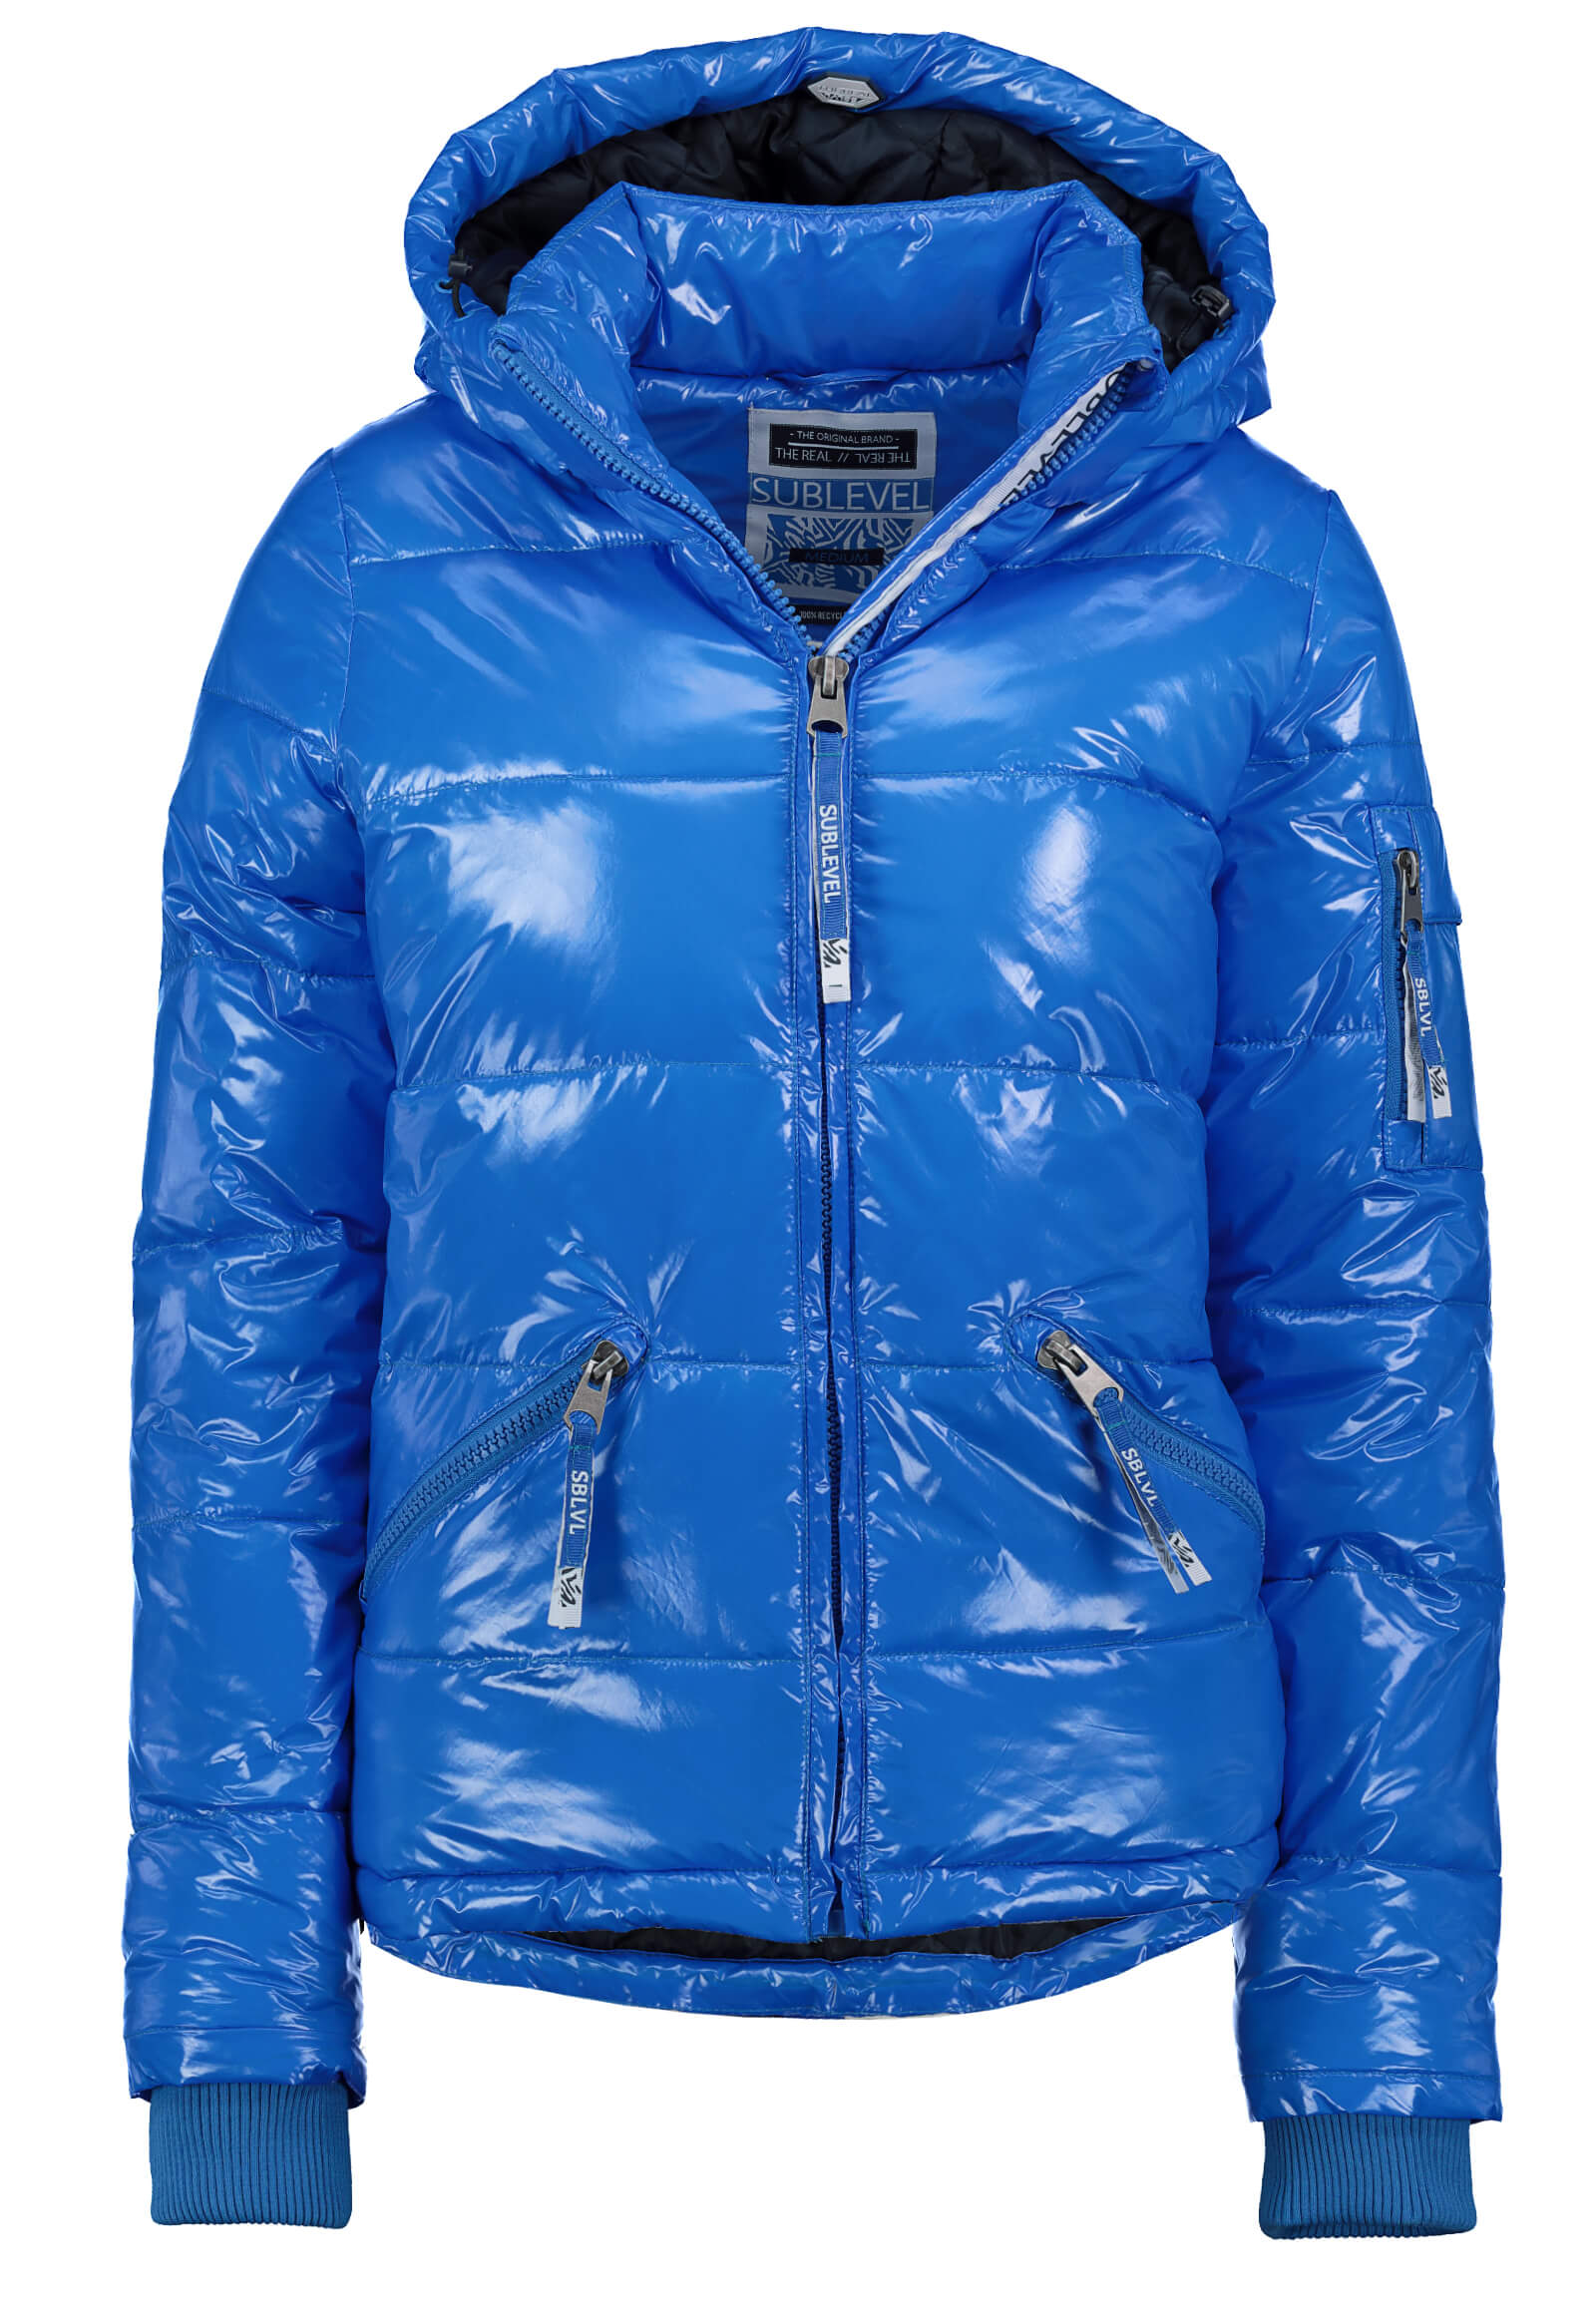 Glossyjacke blau